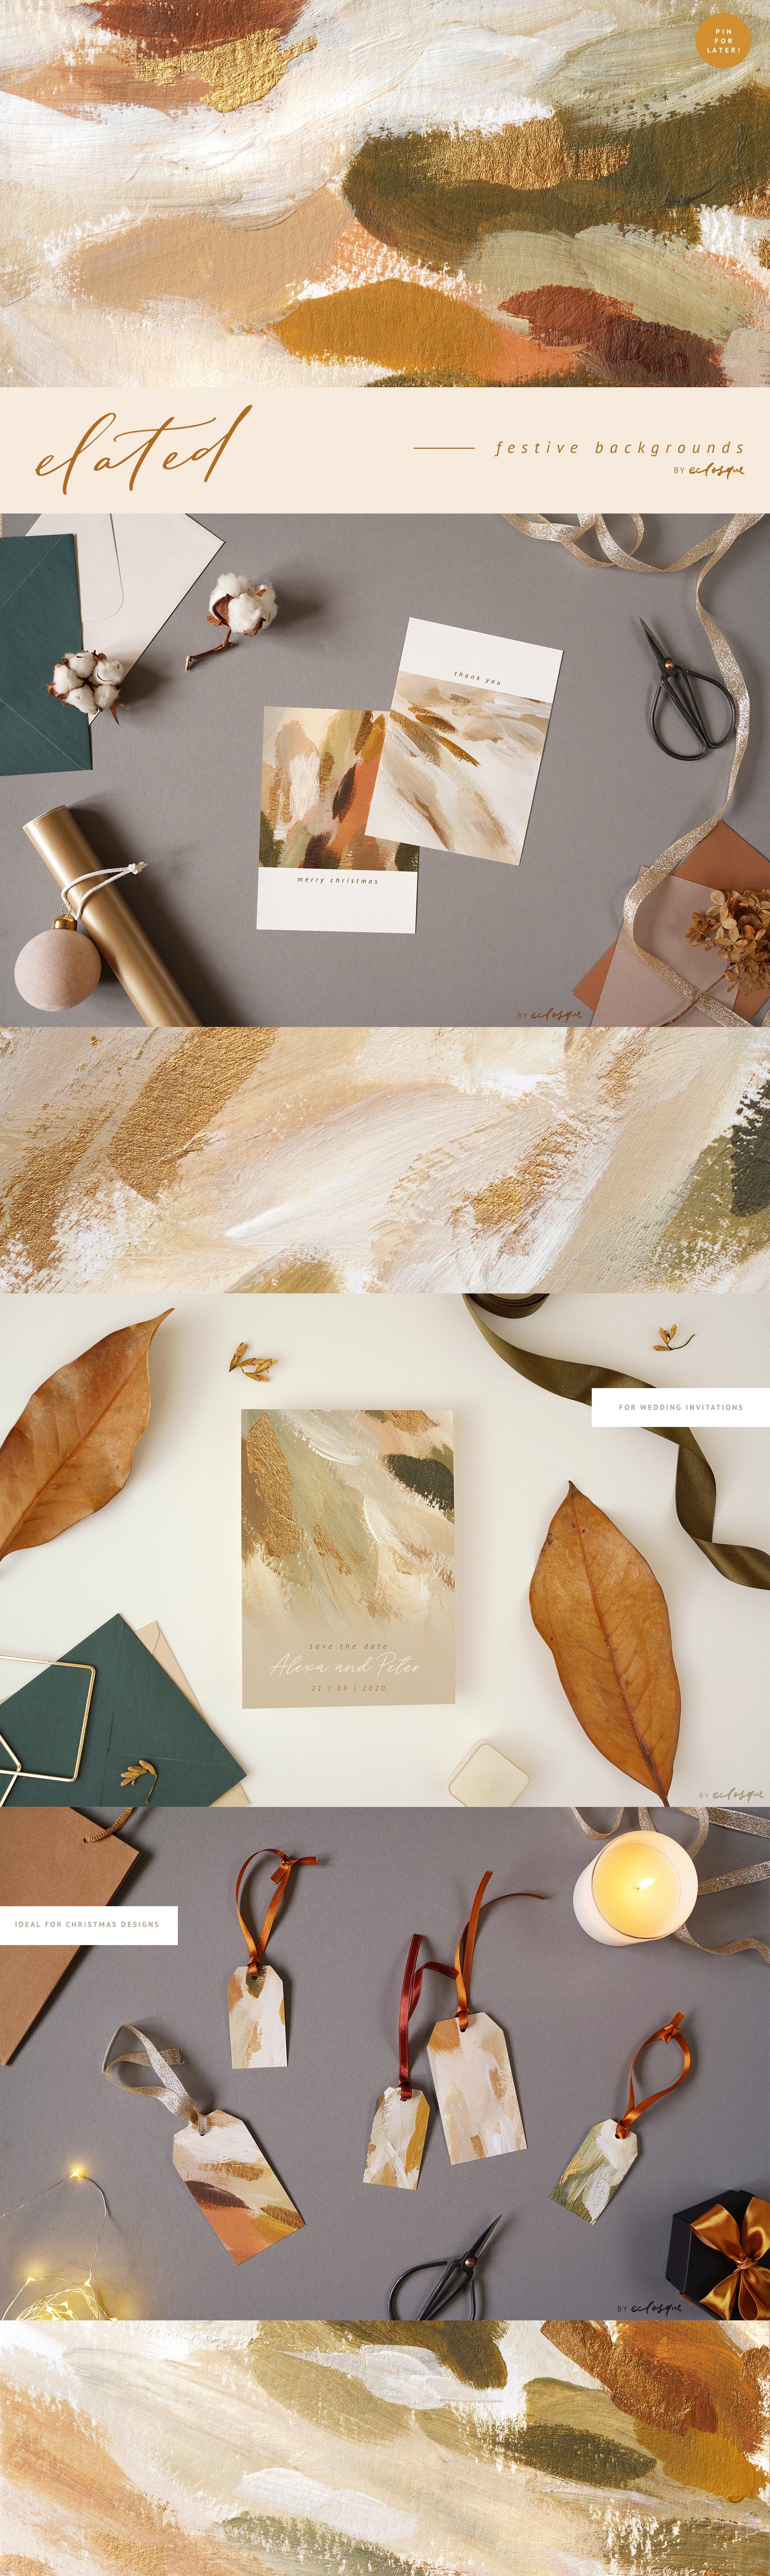 [淘宝购买] 90款新潮抽象轻奢金漆笔触装饰图案纹理背景图片素材 Elated Abstract Painted Backgrounds插图(11)